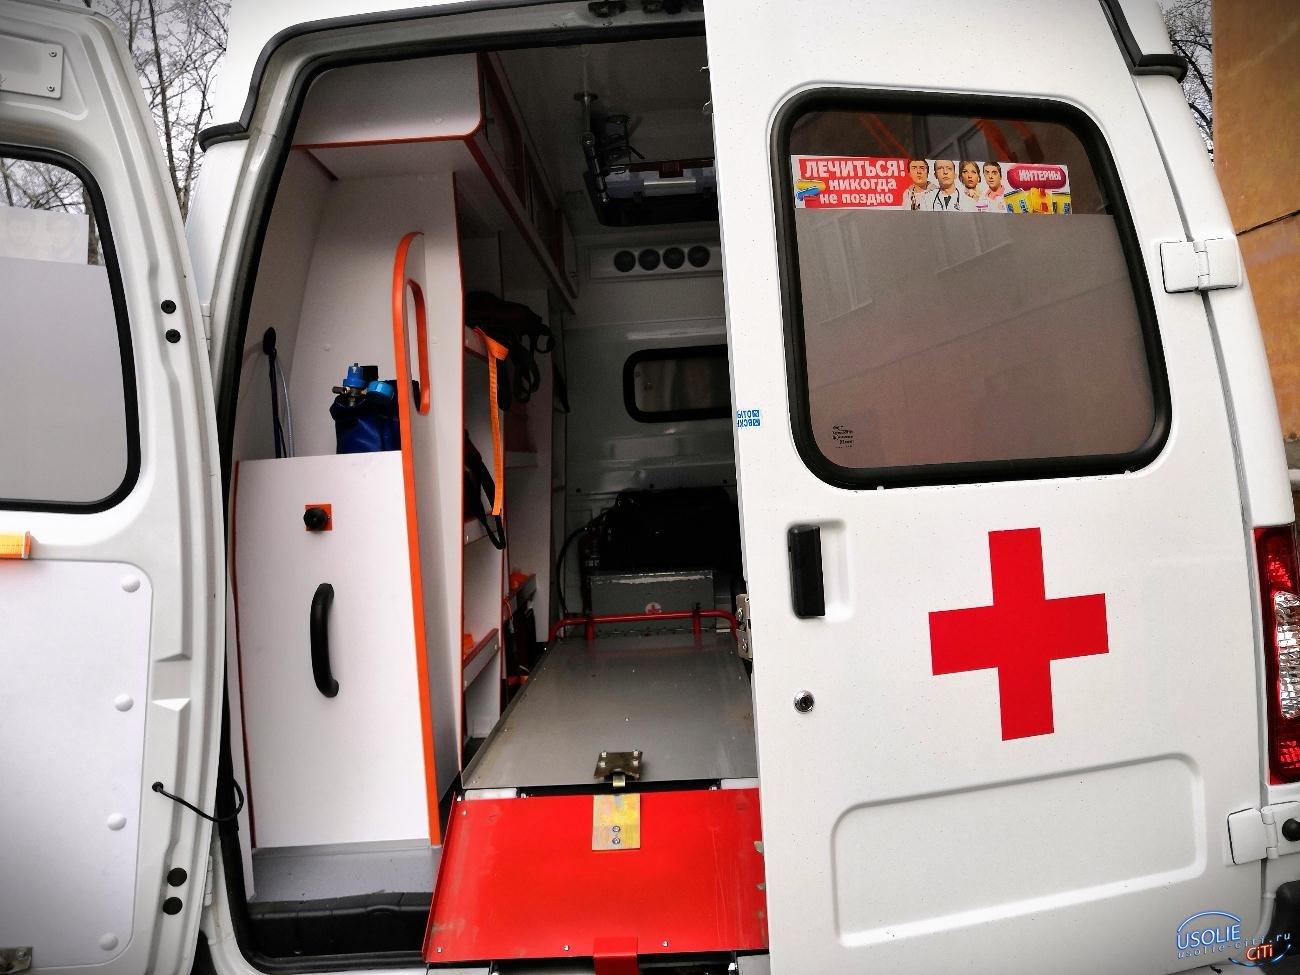 Умер в больнице: В Усолье сбили пешехода